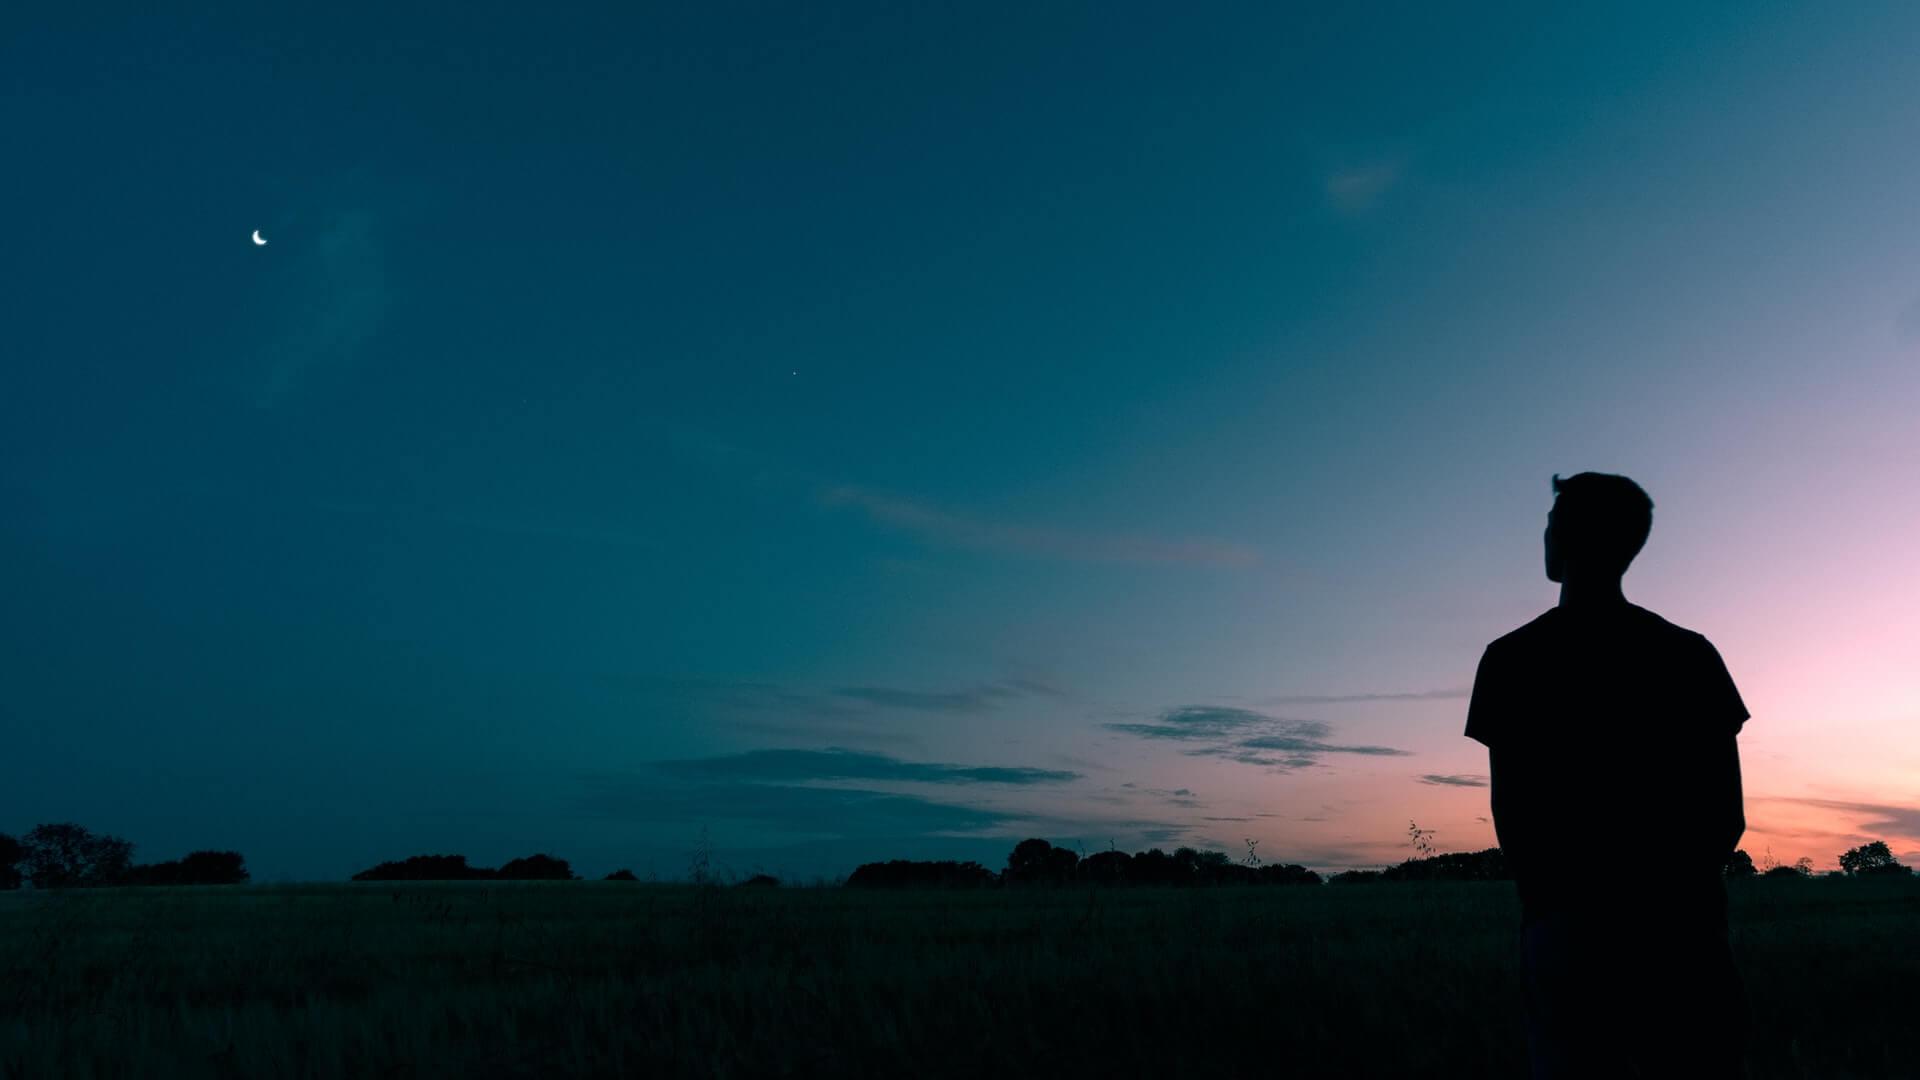 Rapport au monde, relations et solitude du surdoué complexe vs laminaire